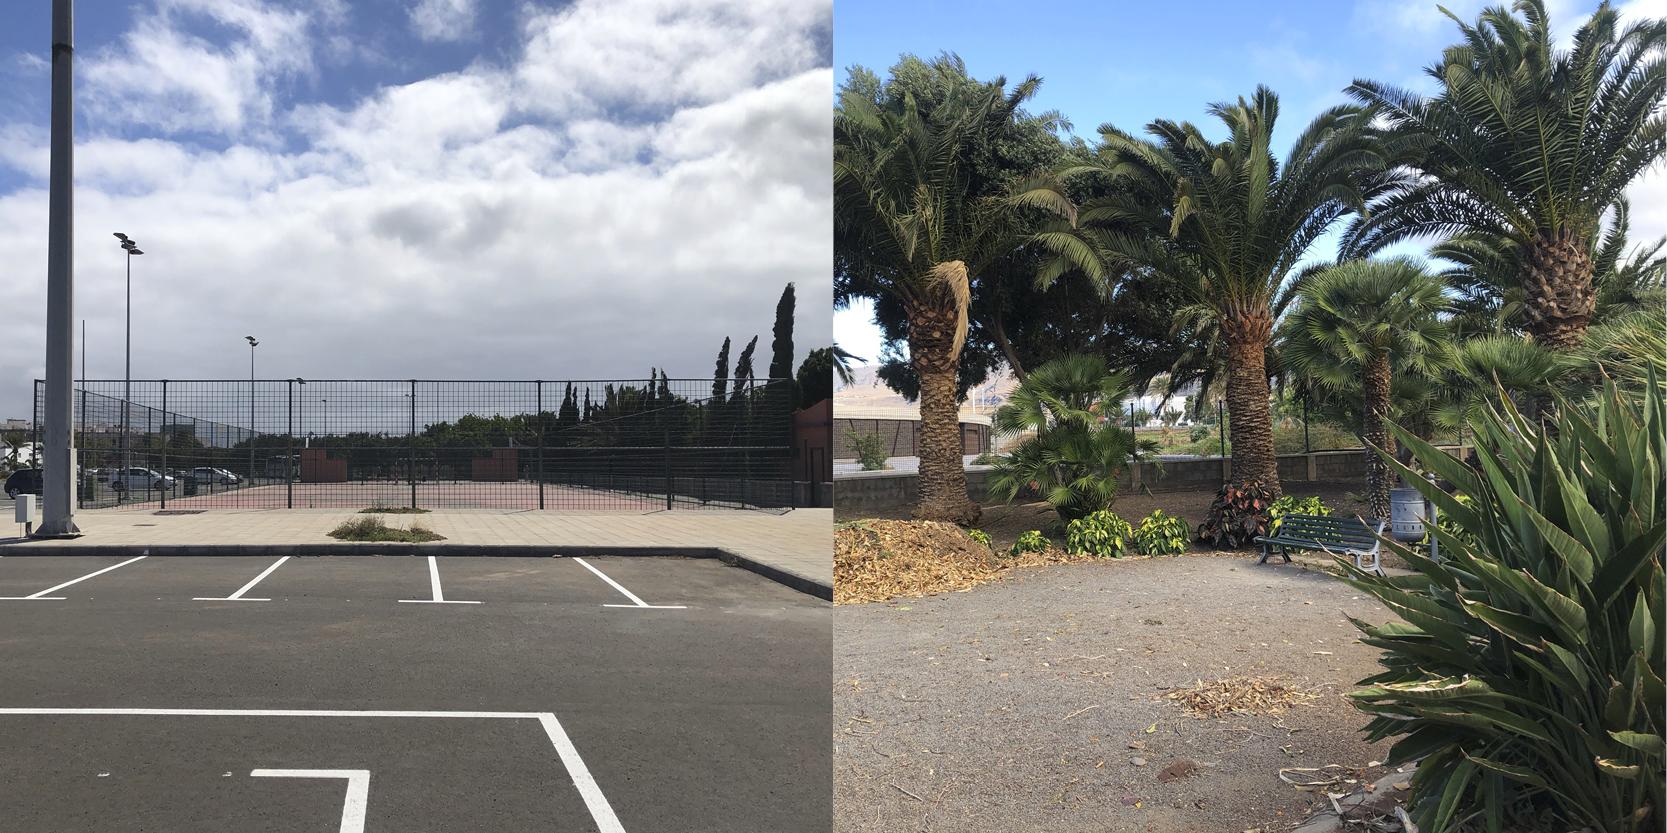 Recuperación y reforma integral de las pistas deportivas de Cruce de Arinaga en Argüimes, Las Palmas de Gran Canaria Hernan Lleida Bernardo Garcia5